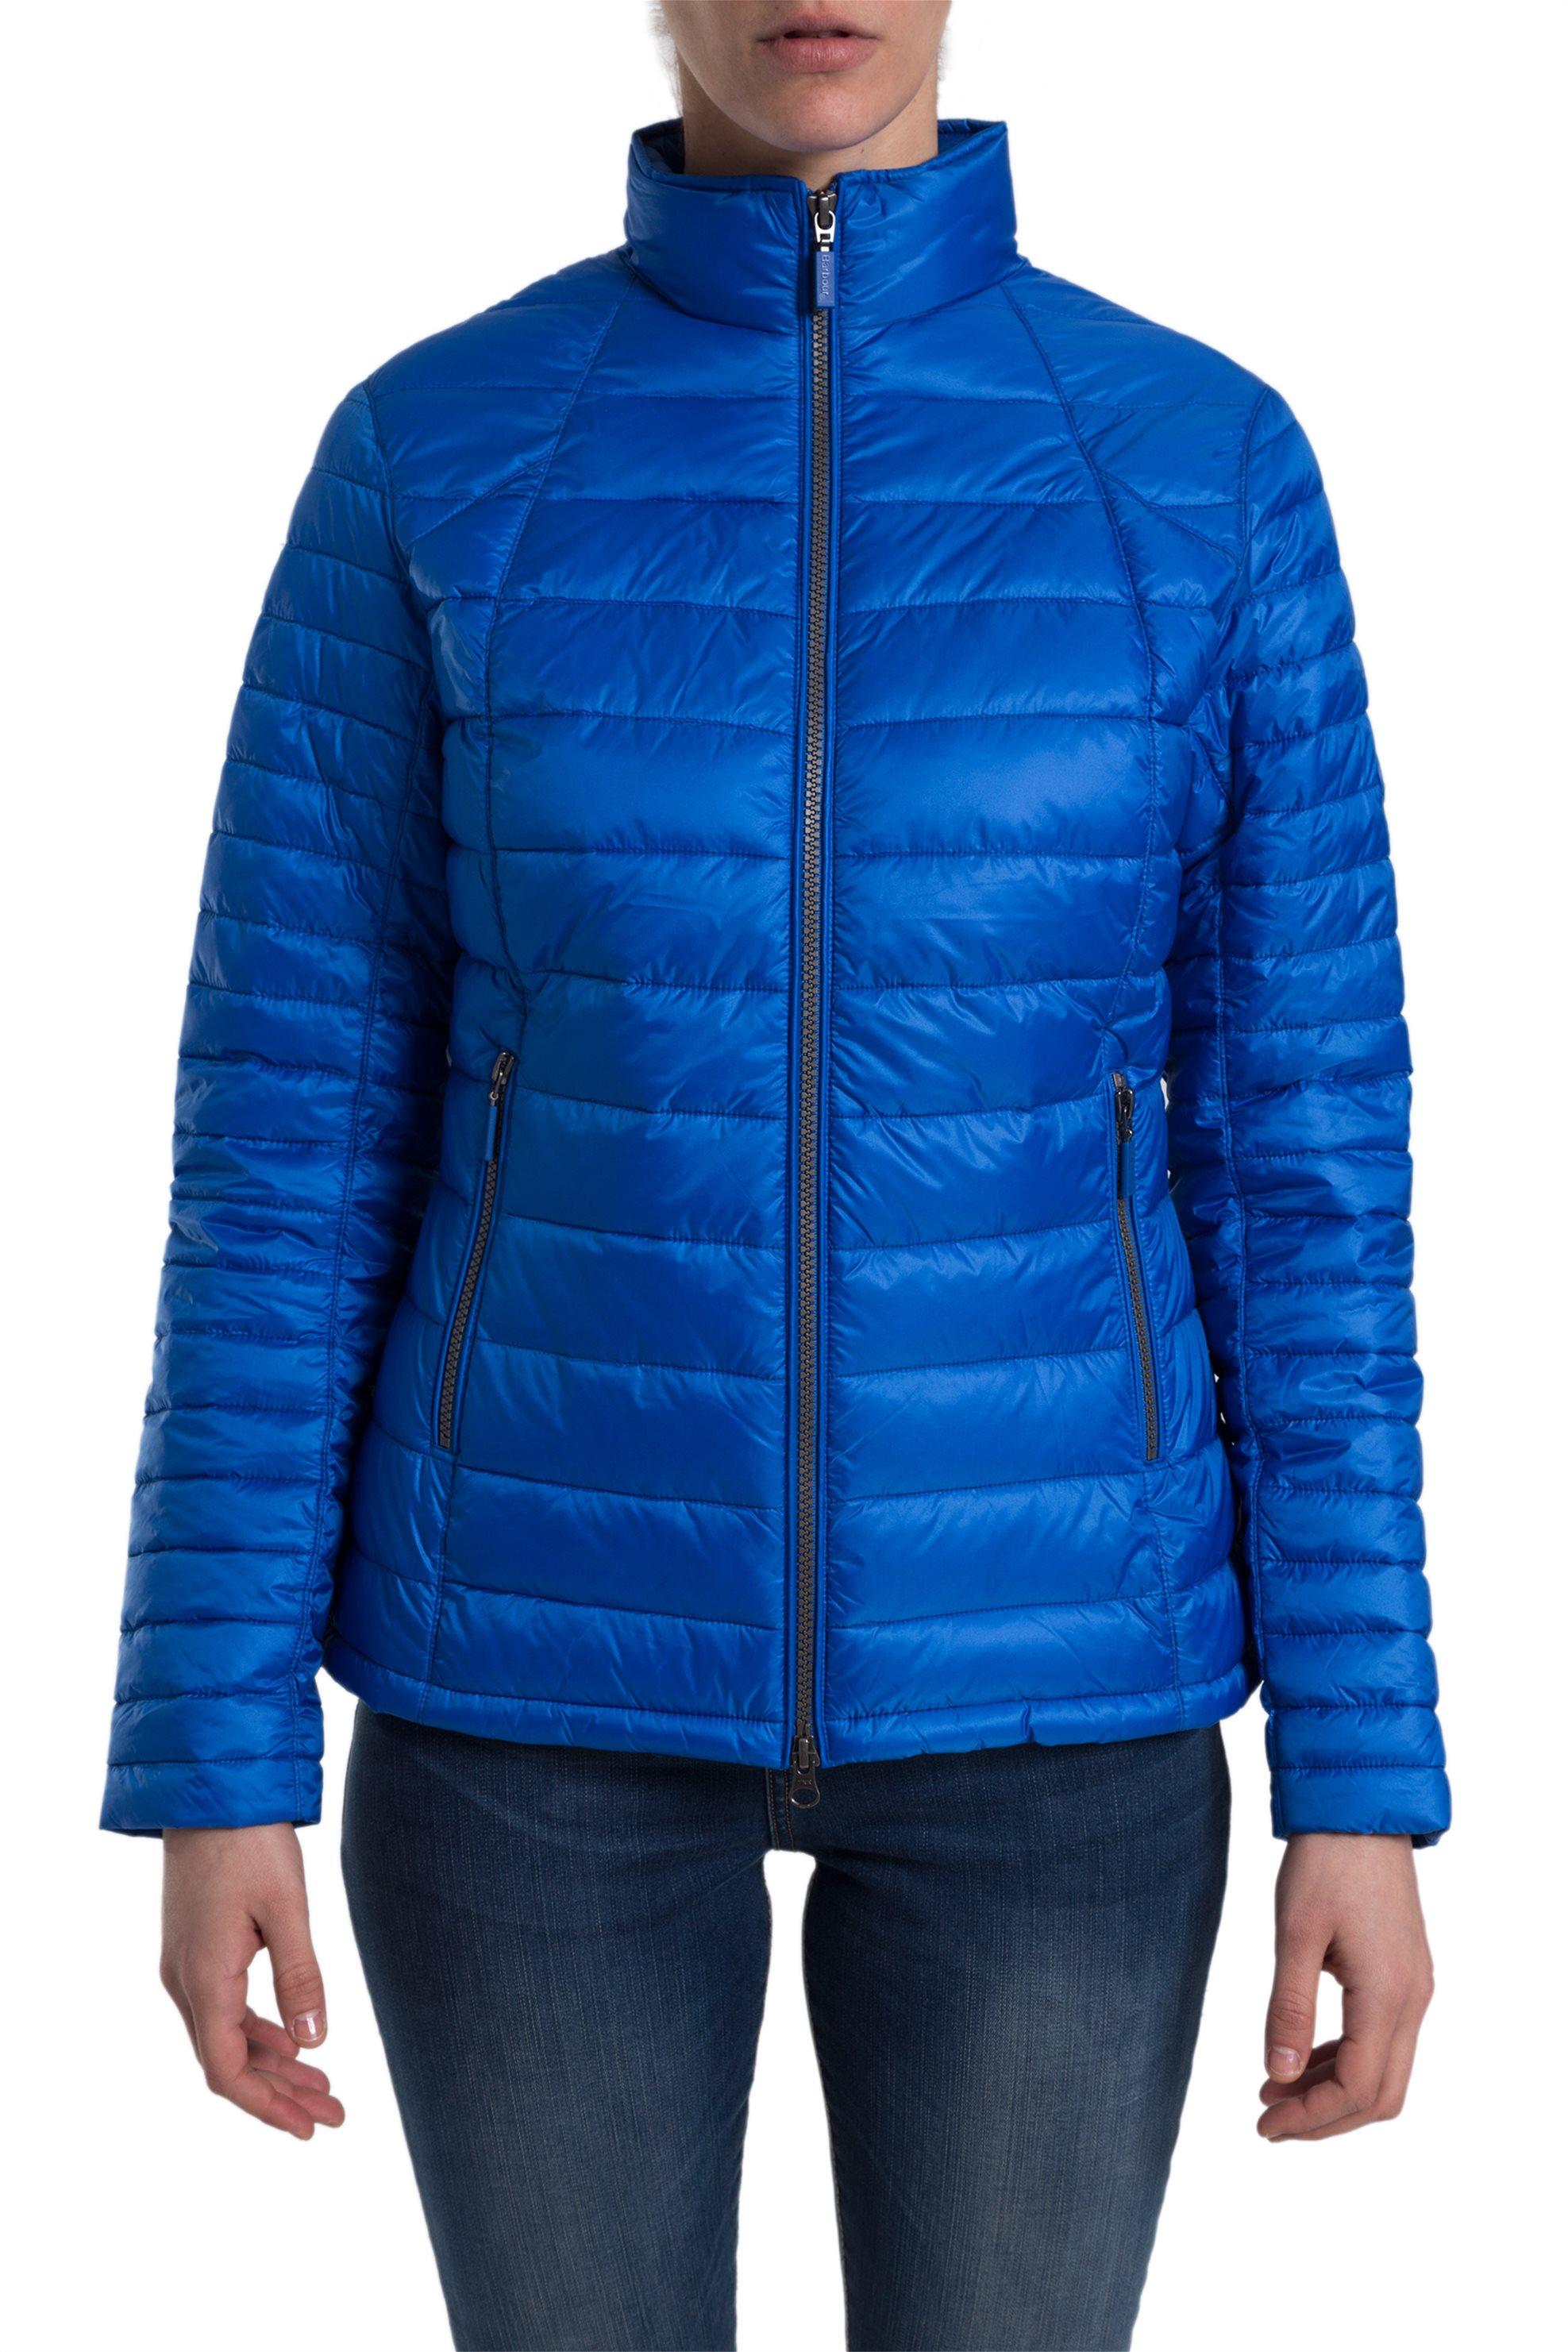 Γυναικείο καπιτονέ μπουφάν Daisyhill Quilted Jacket Barbour - LQU0905 - Μπλε 92620820387